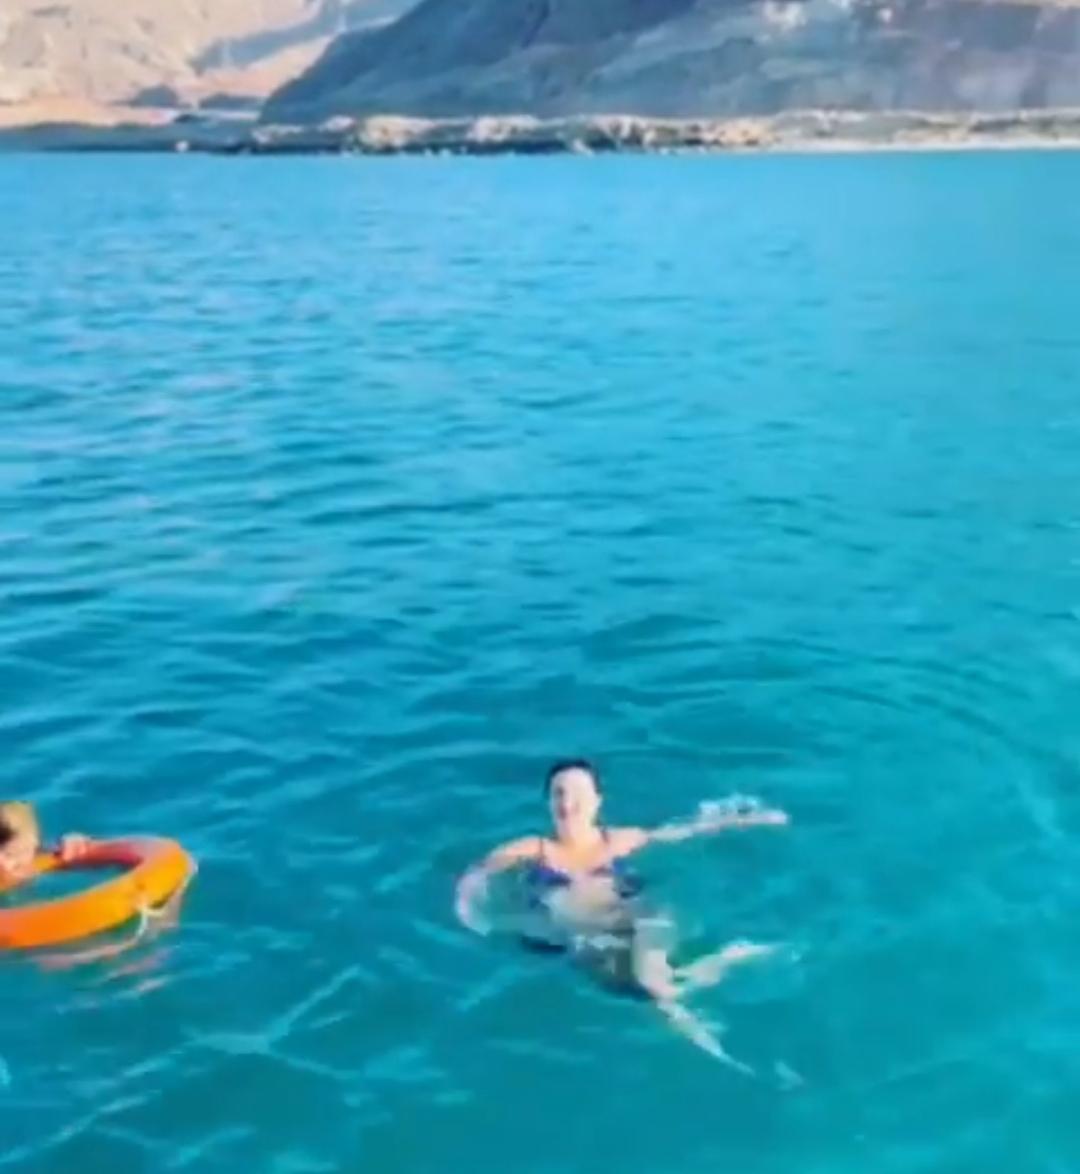 صوفينار جننت الشباب بالمايوه البكيني في البحر - إتفرج